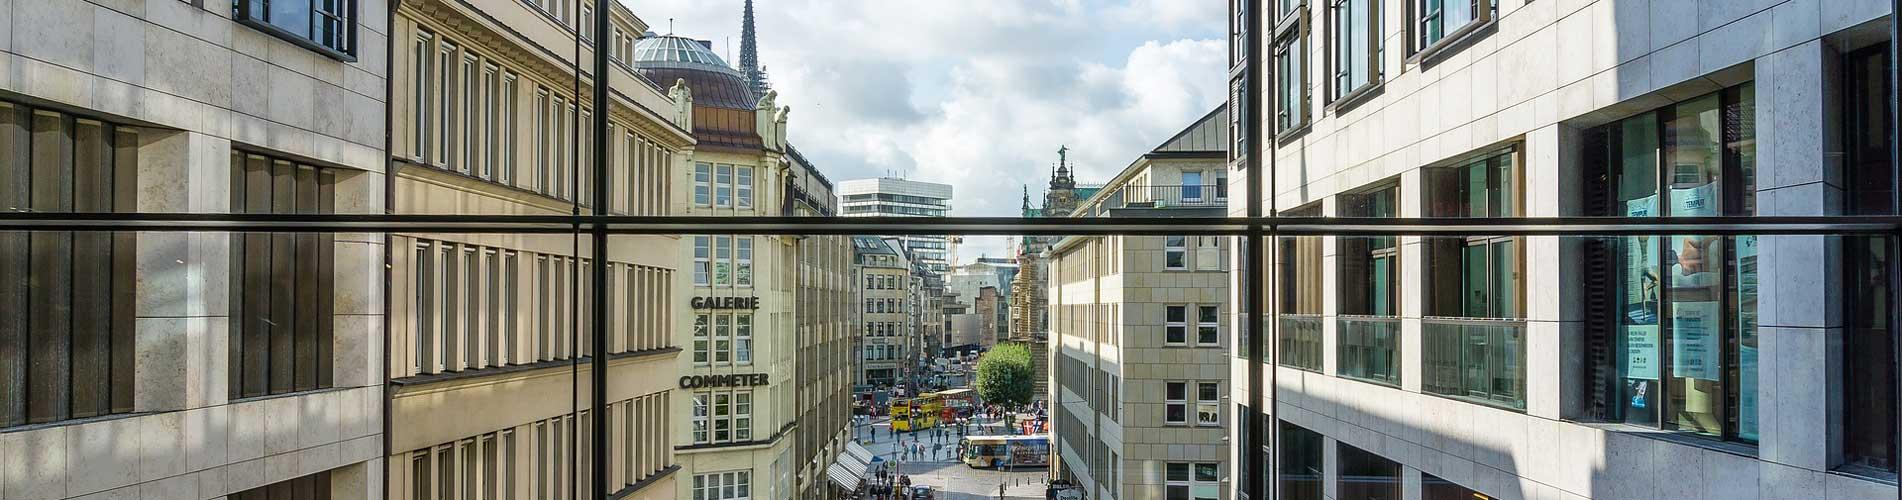 Fahrverbot für Diesel in Hamburg